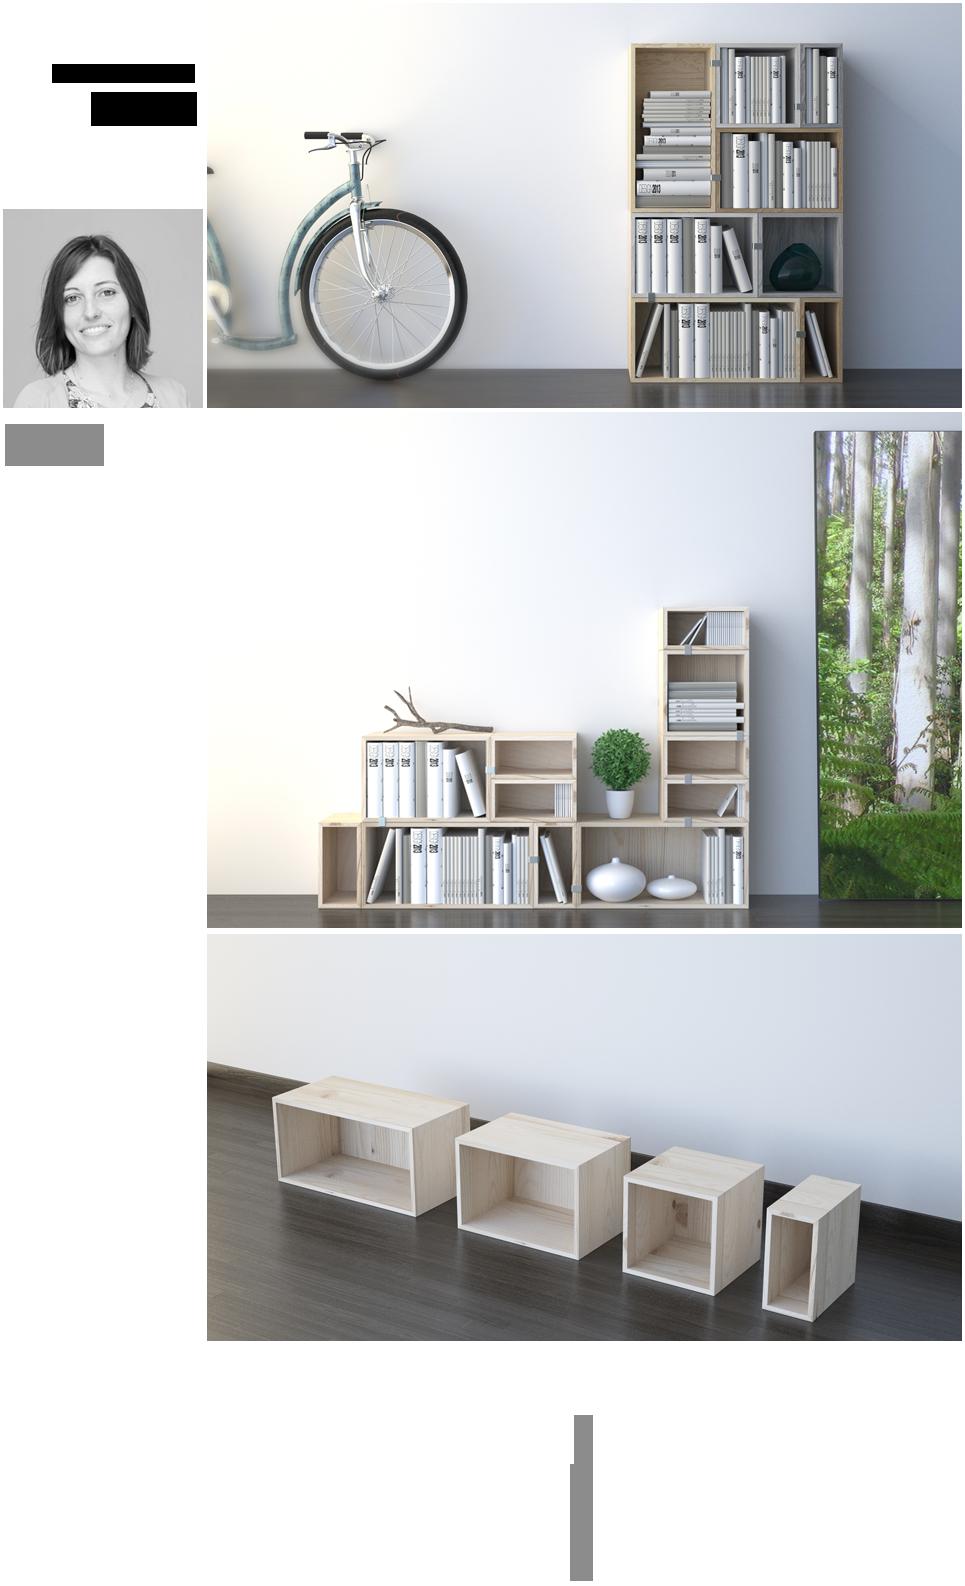 Kauri Natural Concept Mueble Dise O Madera Maciza Natural  # Muebles De Madera Sostenible